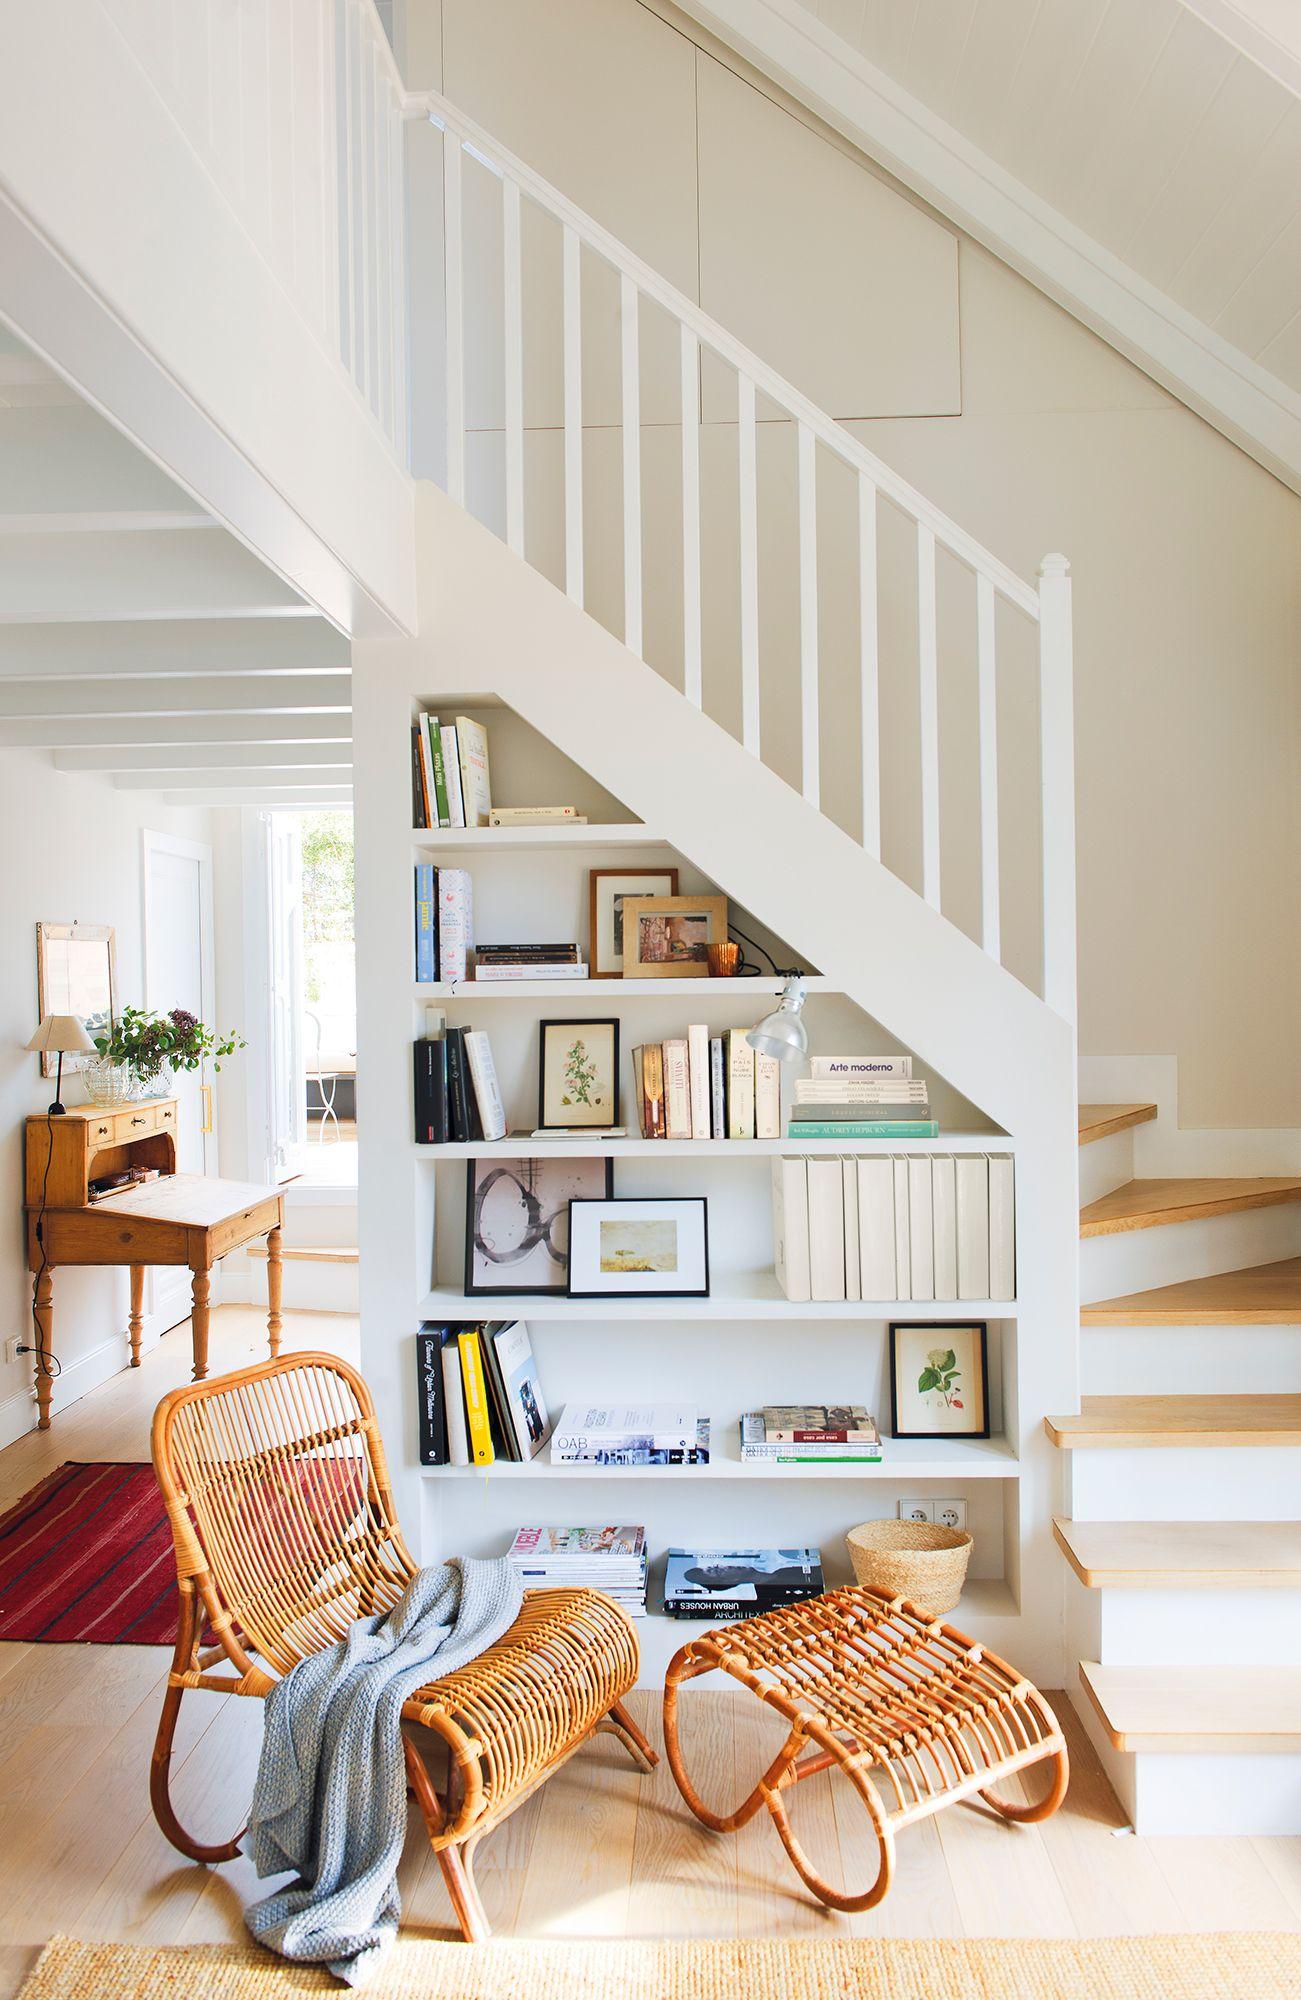 Rincn de escalera con librera aprovechando el bajo